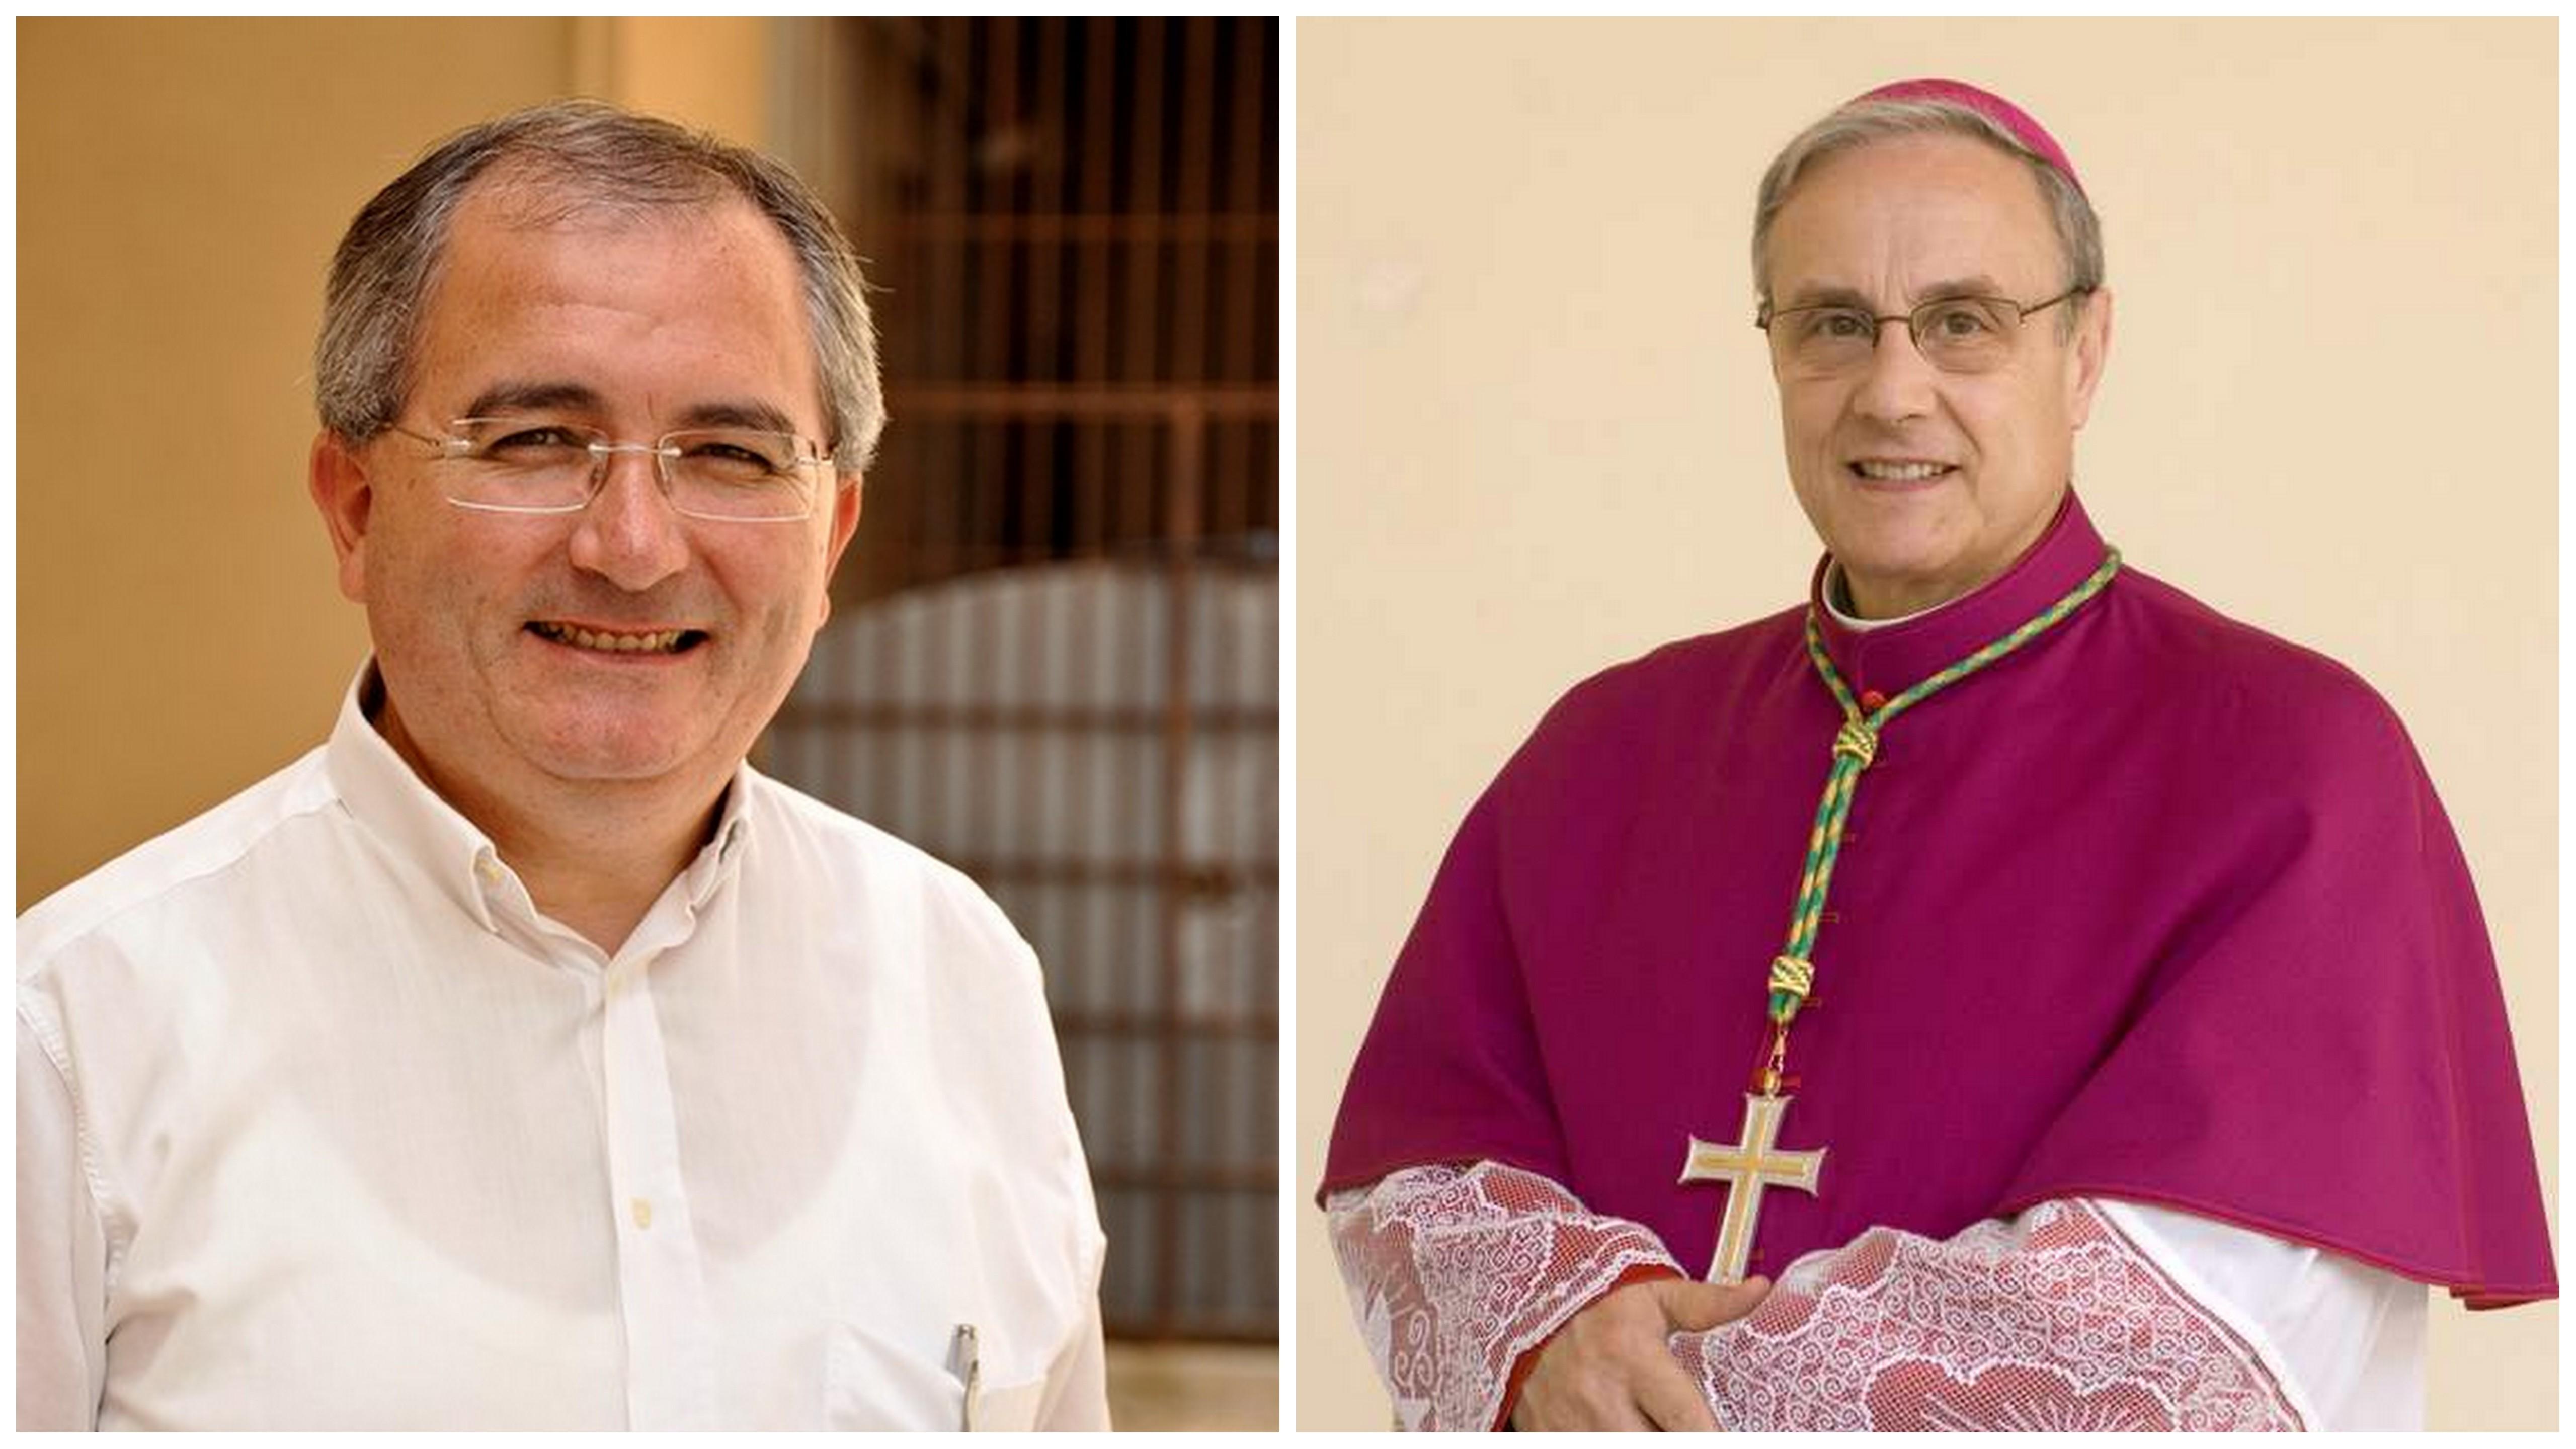 Duro scontro Fiorino – Mogavero sull'ordinazione del diacono Marco Laudicina